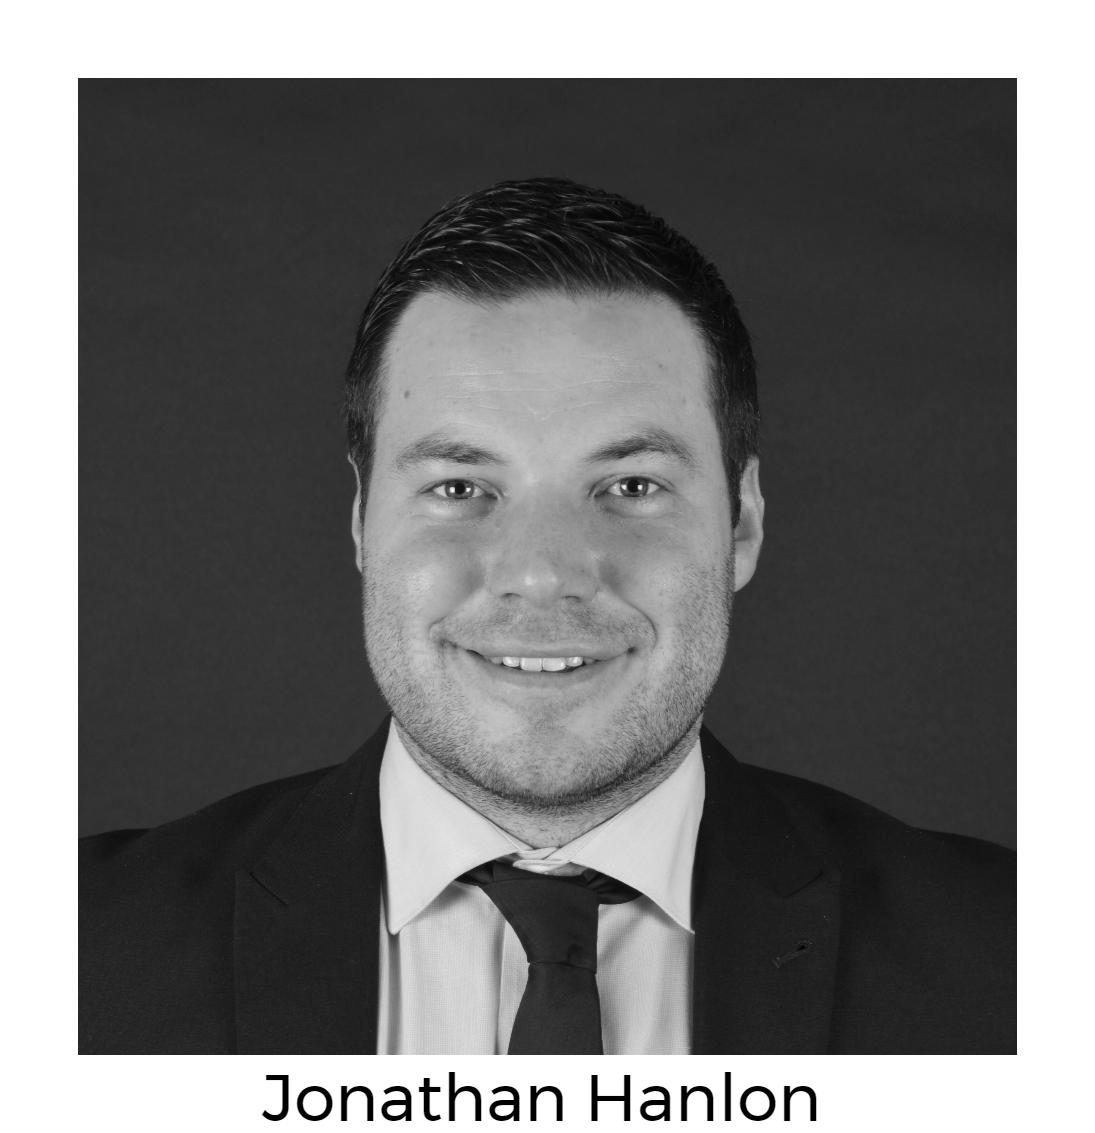 Jonathon Hanlon